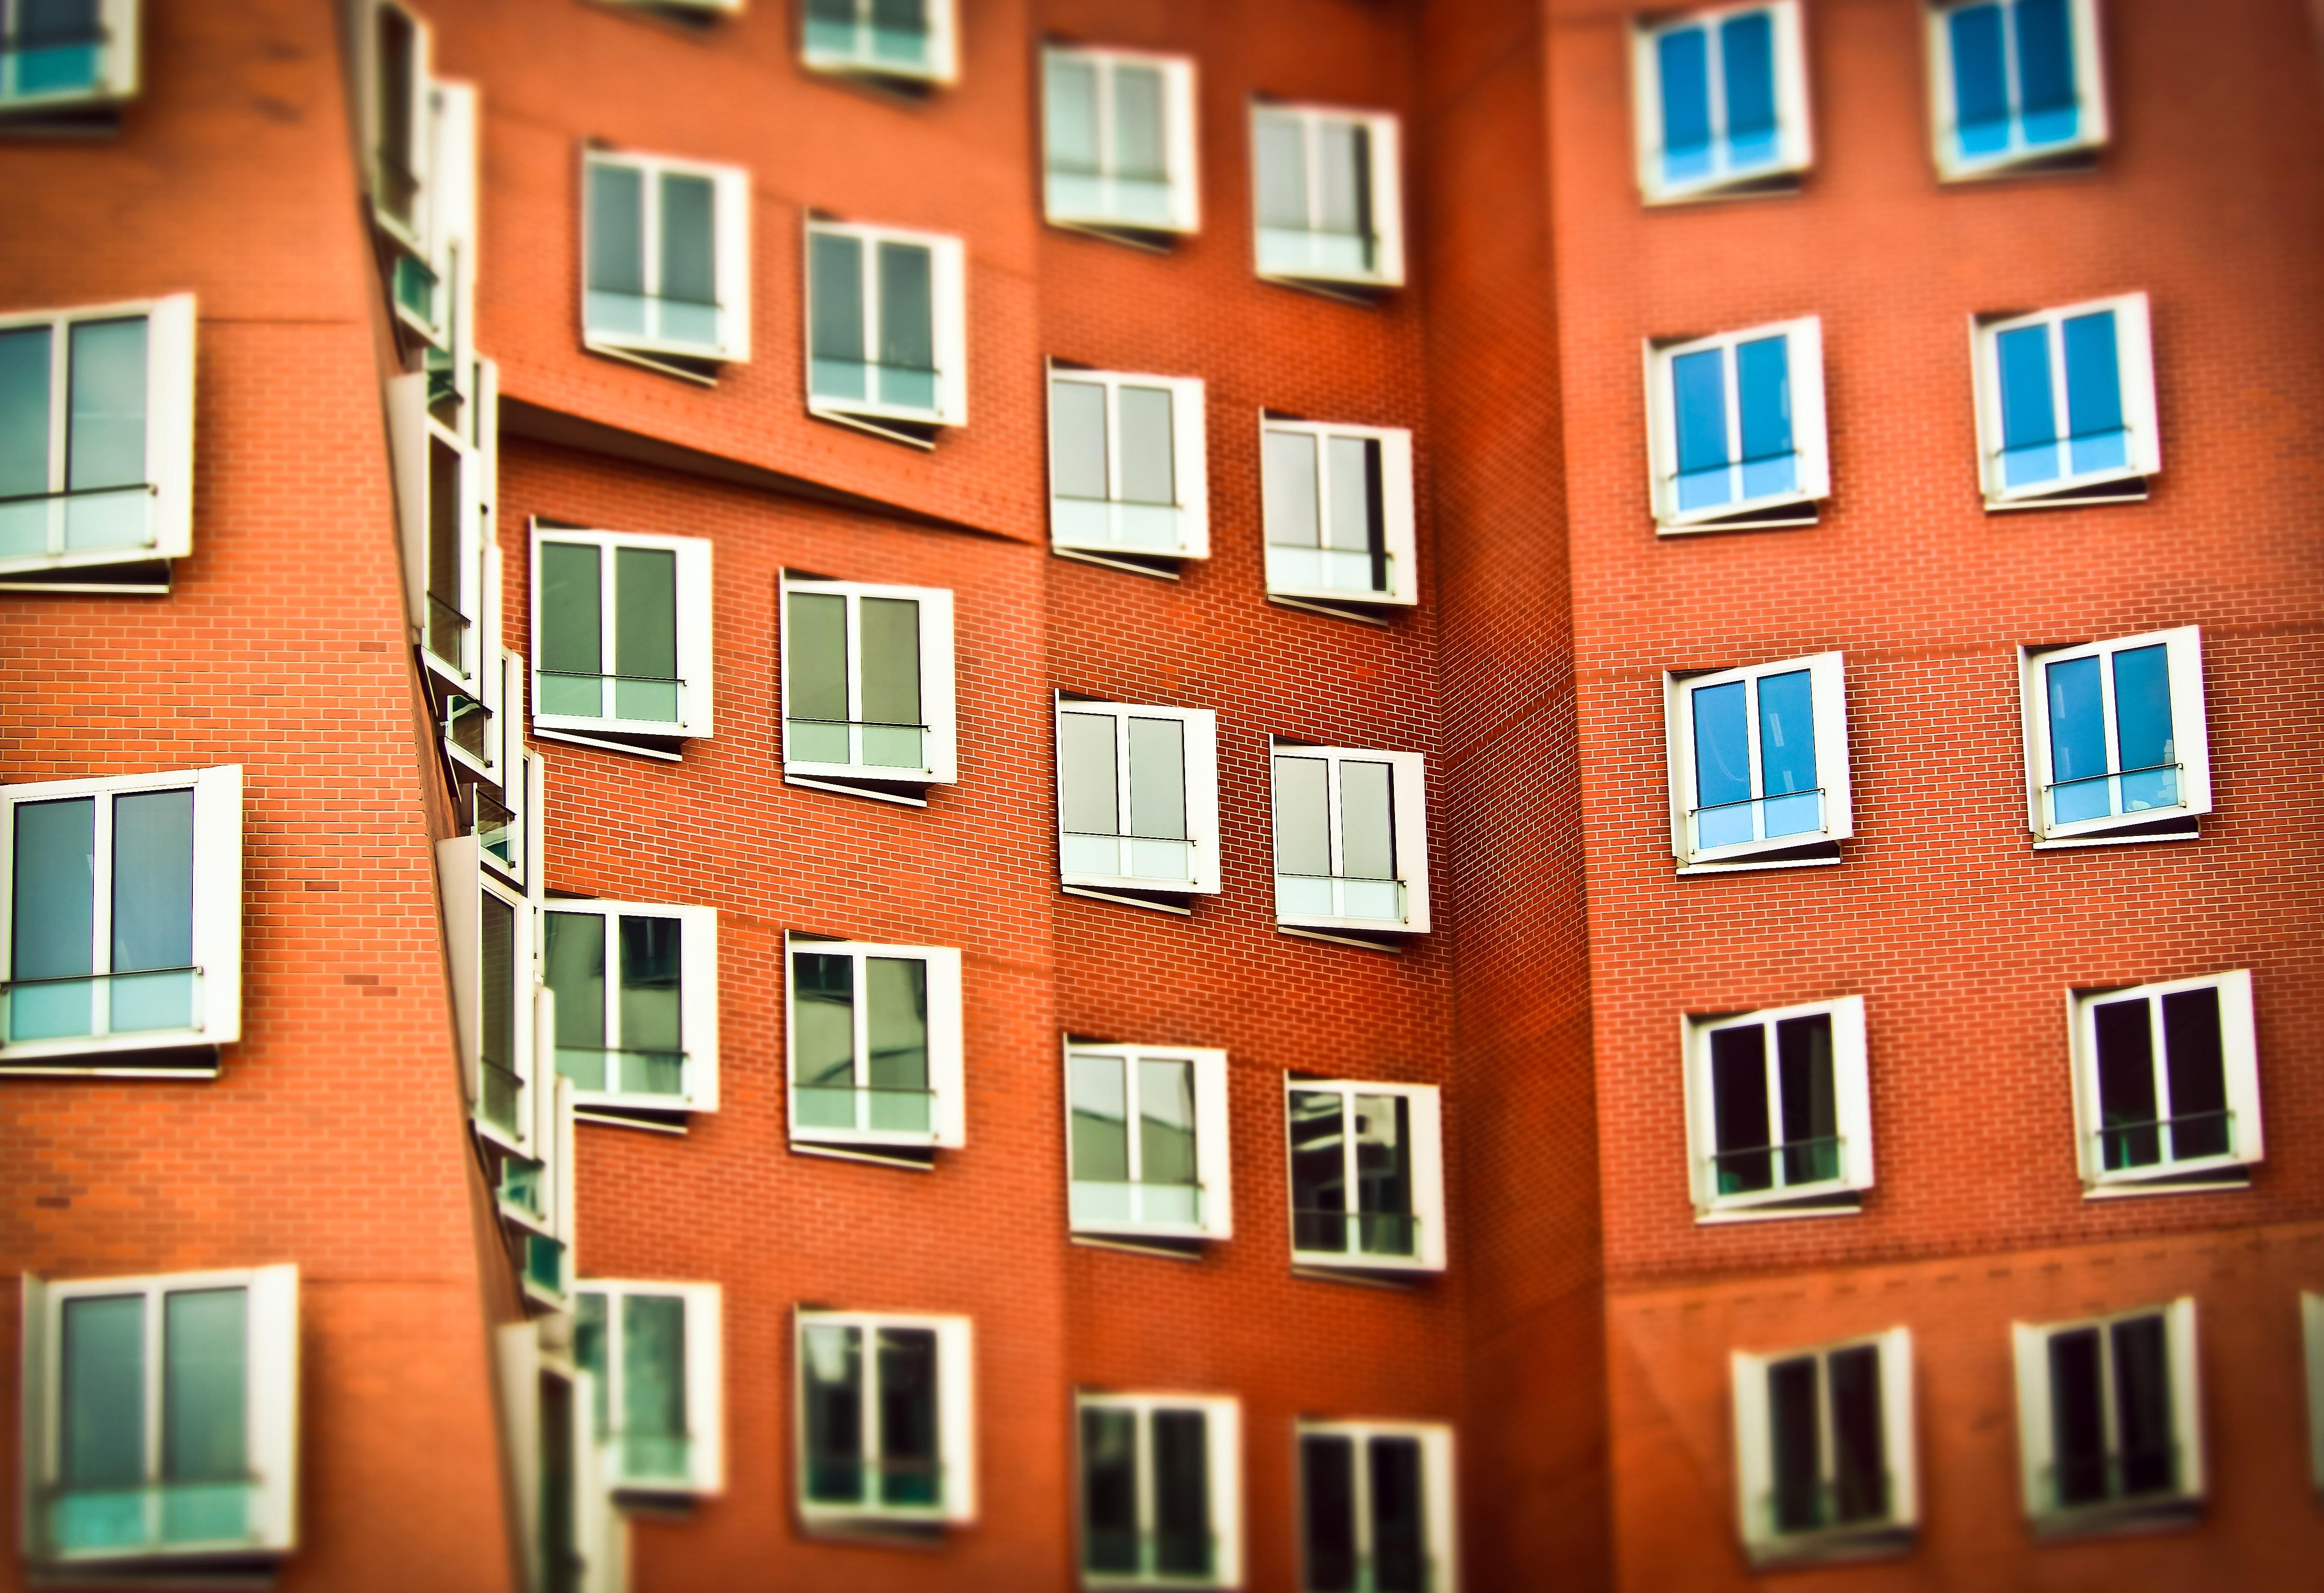 Kostenlose Foto Die Architektur Fenster Glas Gebäude: Kostenlose Foto : Die Architektur, Fenster, Glas, Mauer